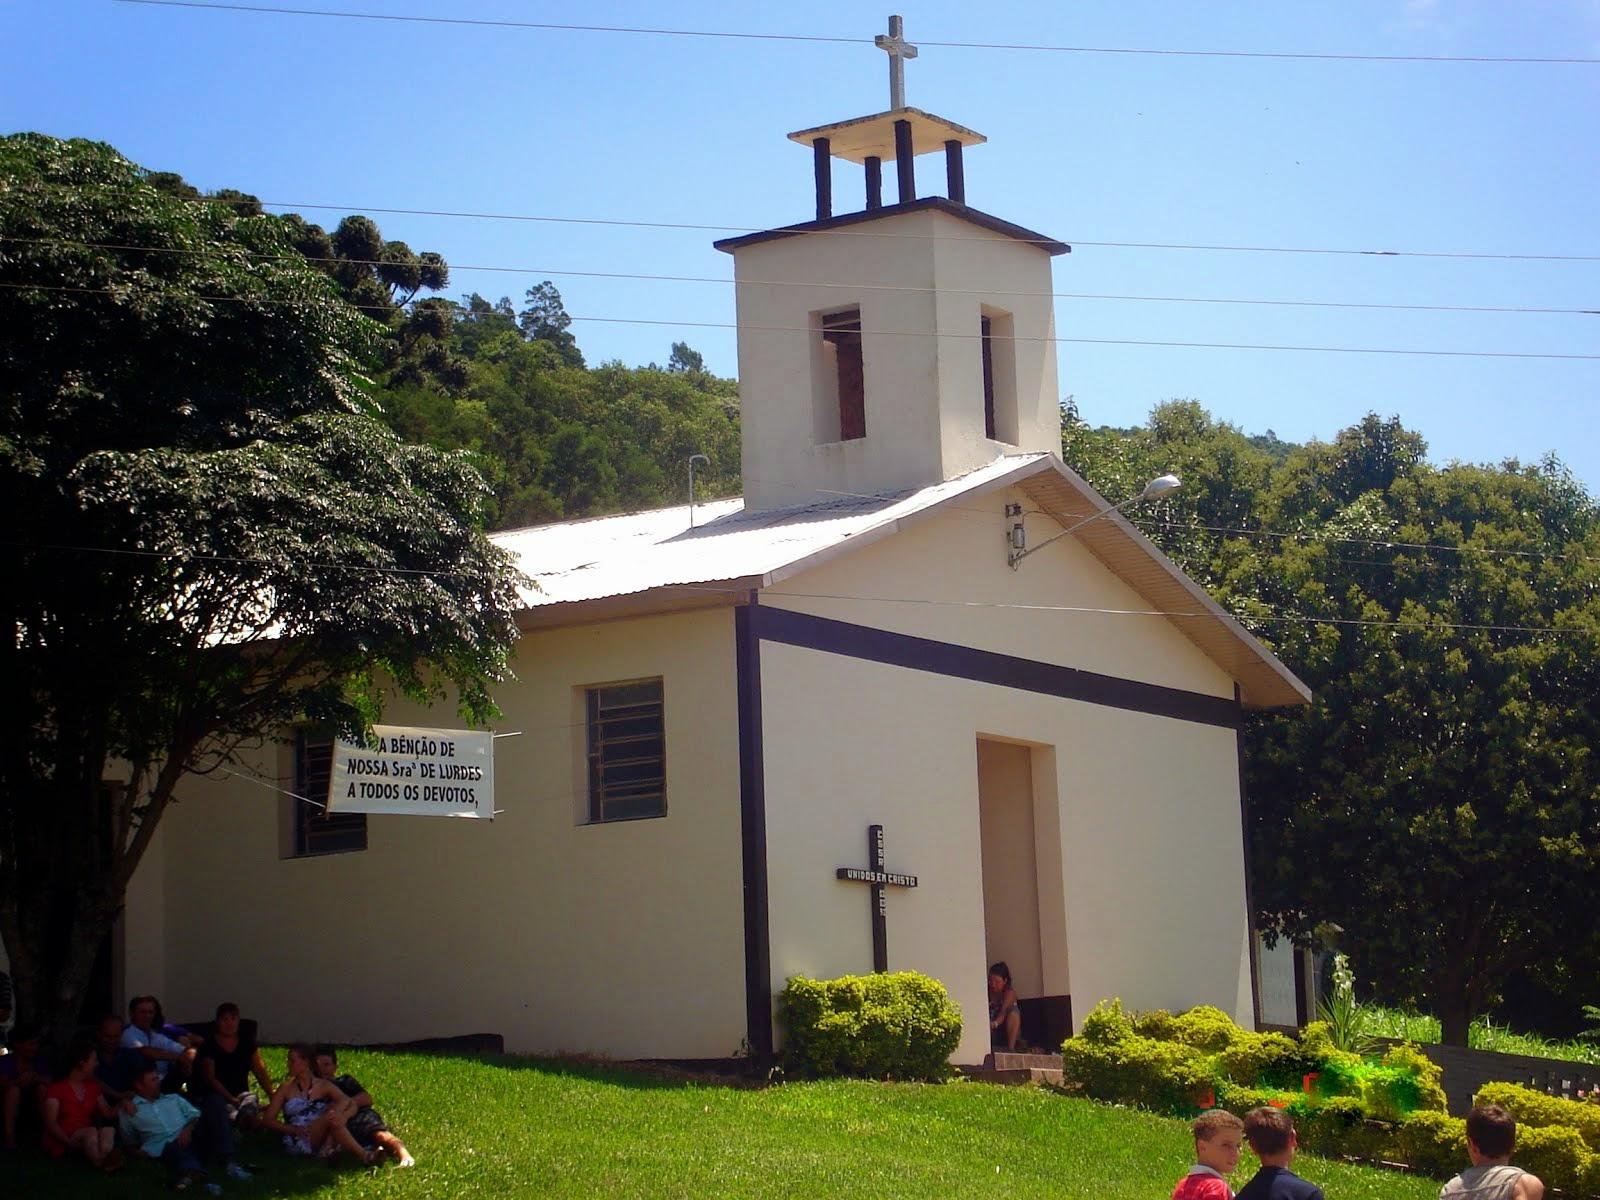 Comunidade Nossa Senhora de Lourdes